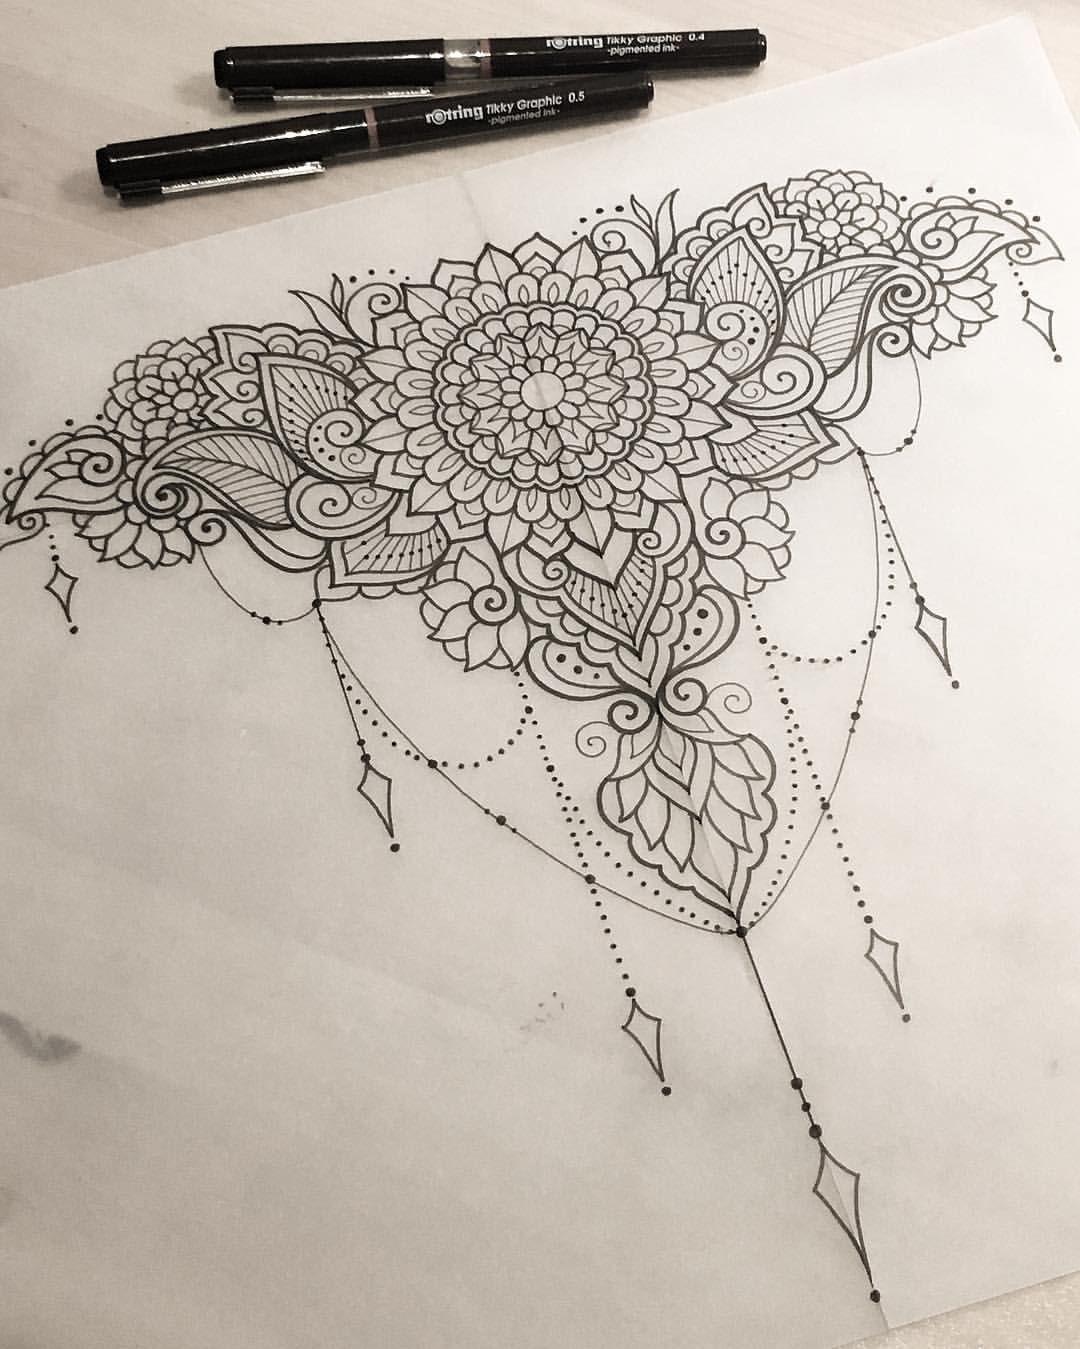 """Gefällt 769 Mal, 10 Kommentare - Dominique Holmes (@domholmestattoo) auf Instagram: """"Decorative piece for Tasha #art #design #penandink #handdrawn #sketch #instafineliner #mehndi…"""""""